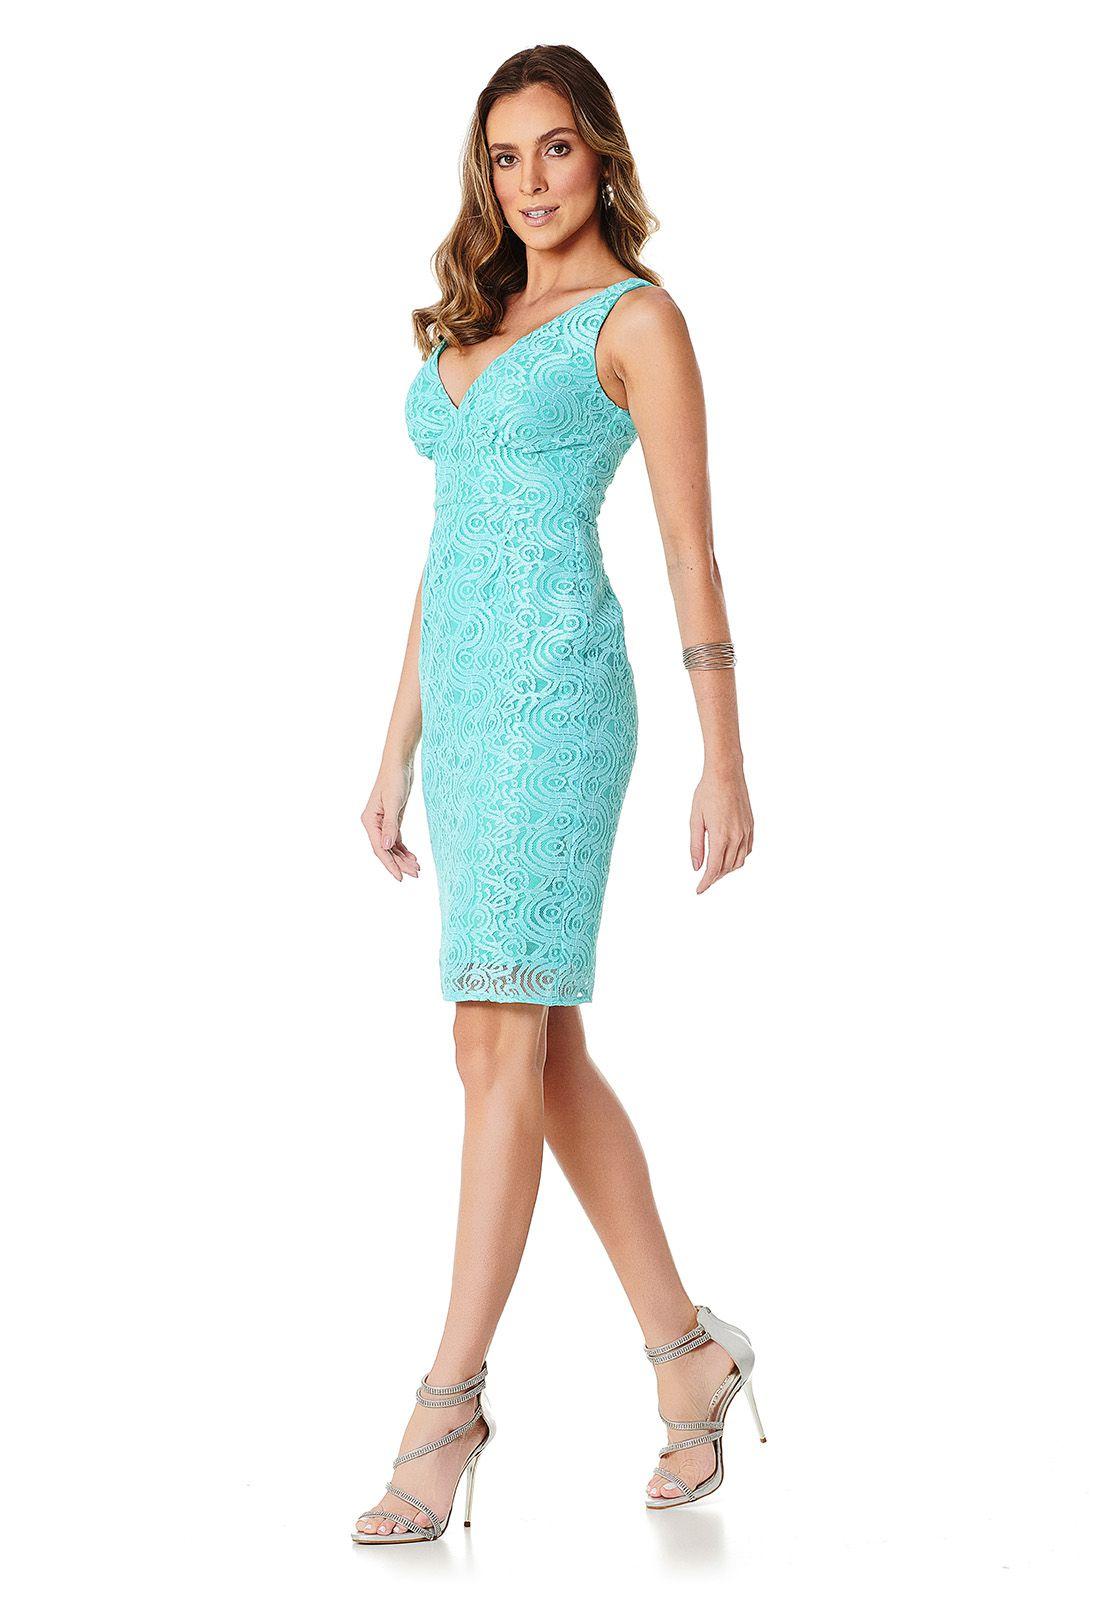 Vestido Midi Renda Ondas Azul Tiffany Lala Dubi